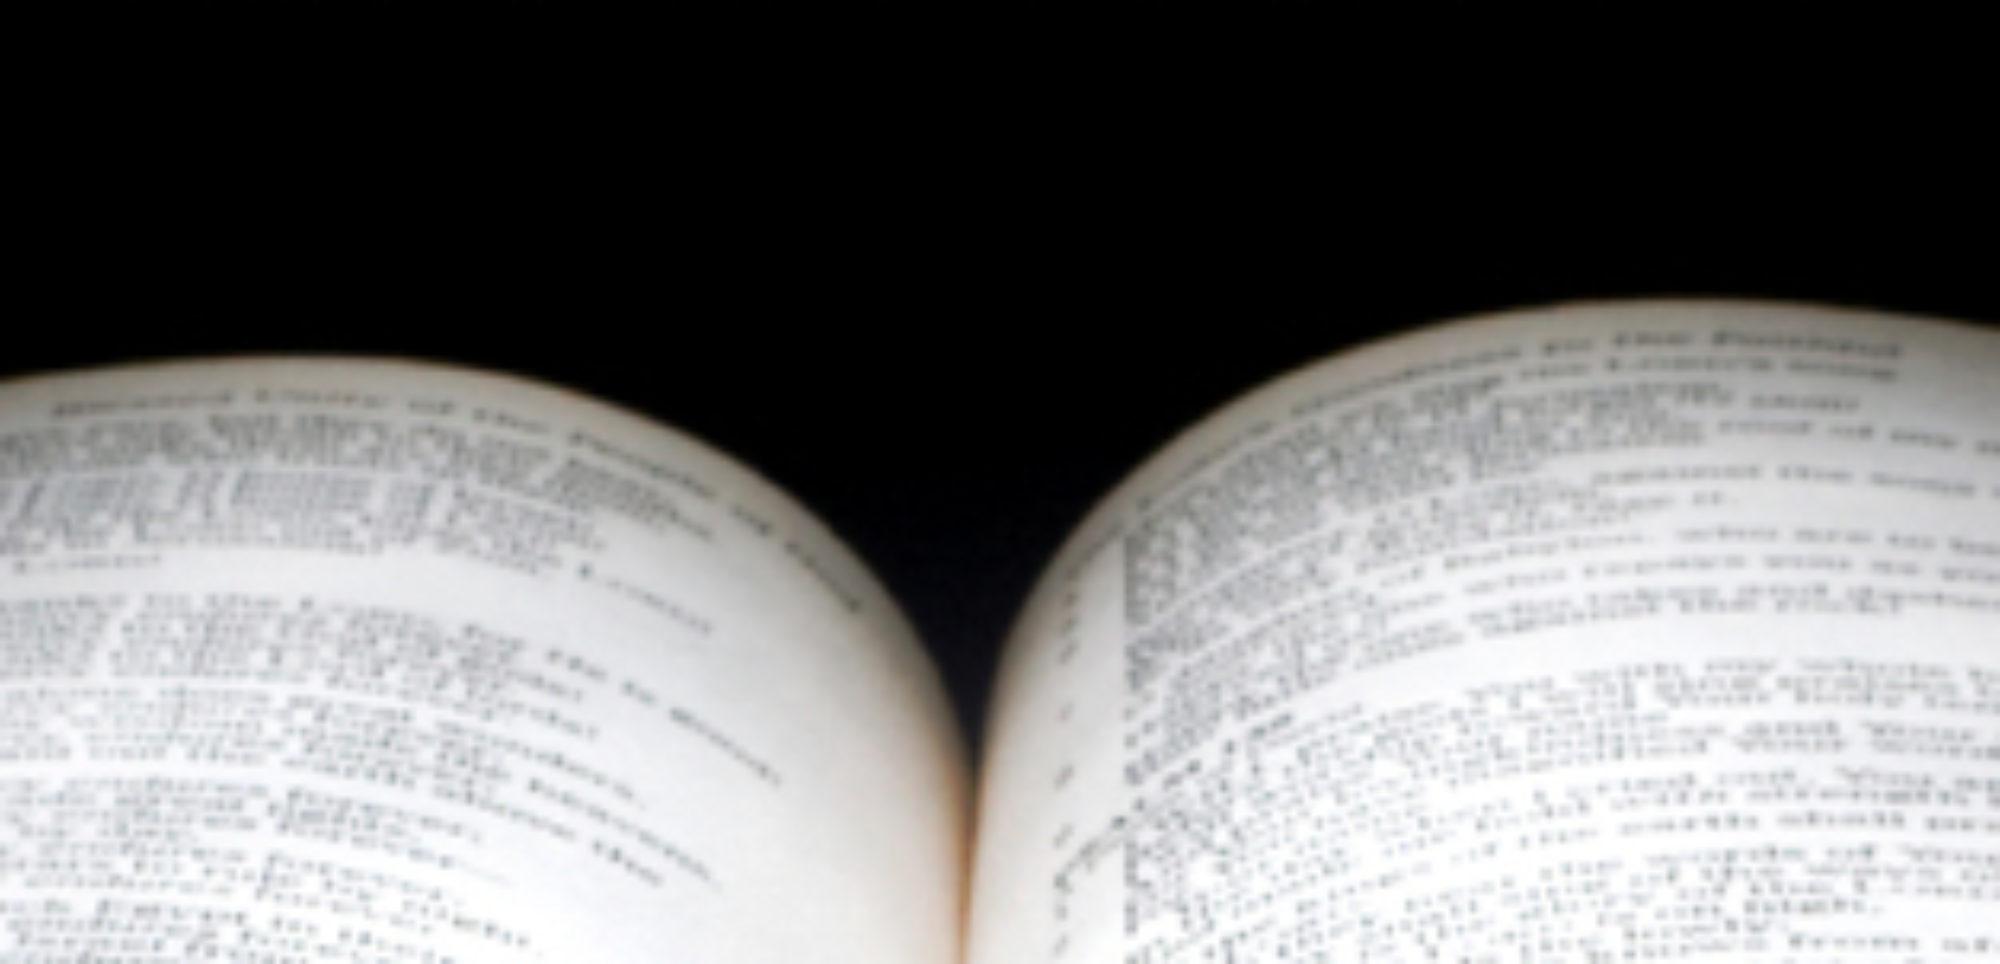 SOULa Scriptura